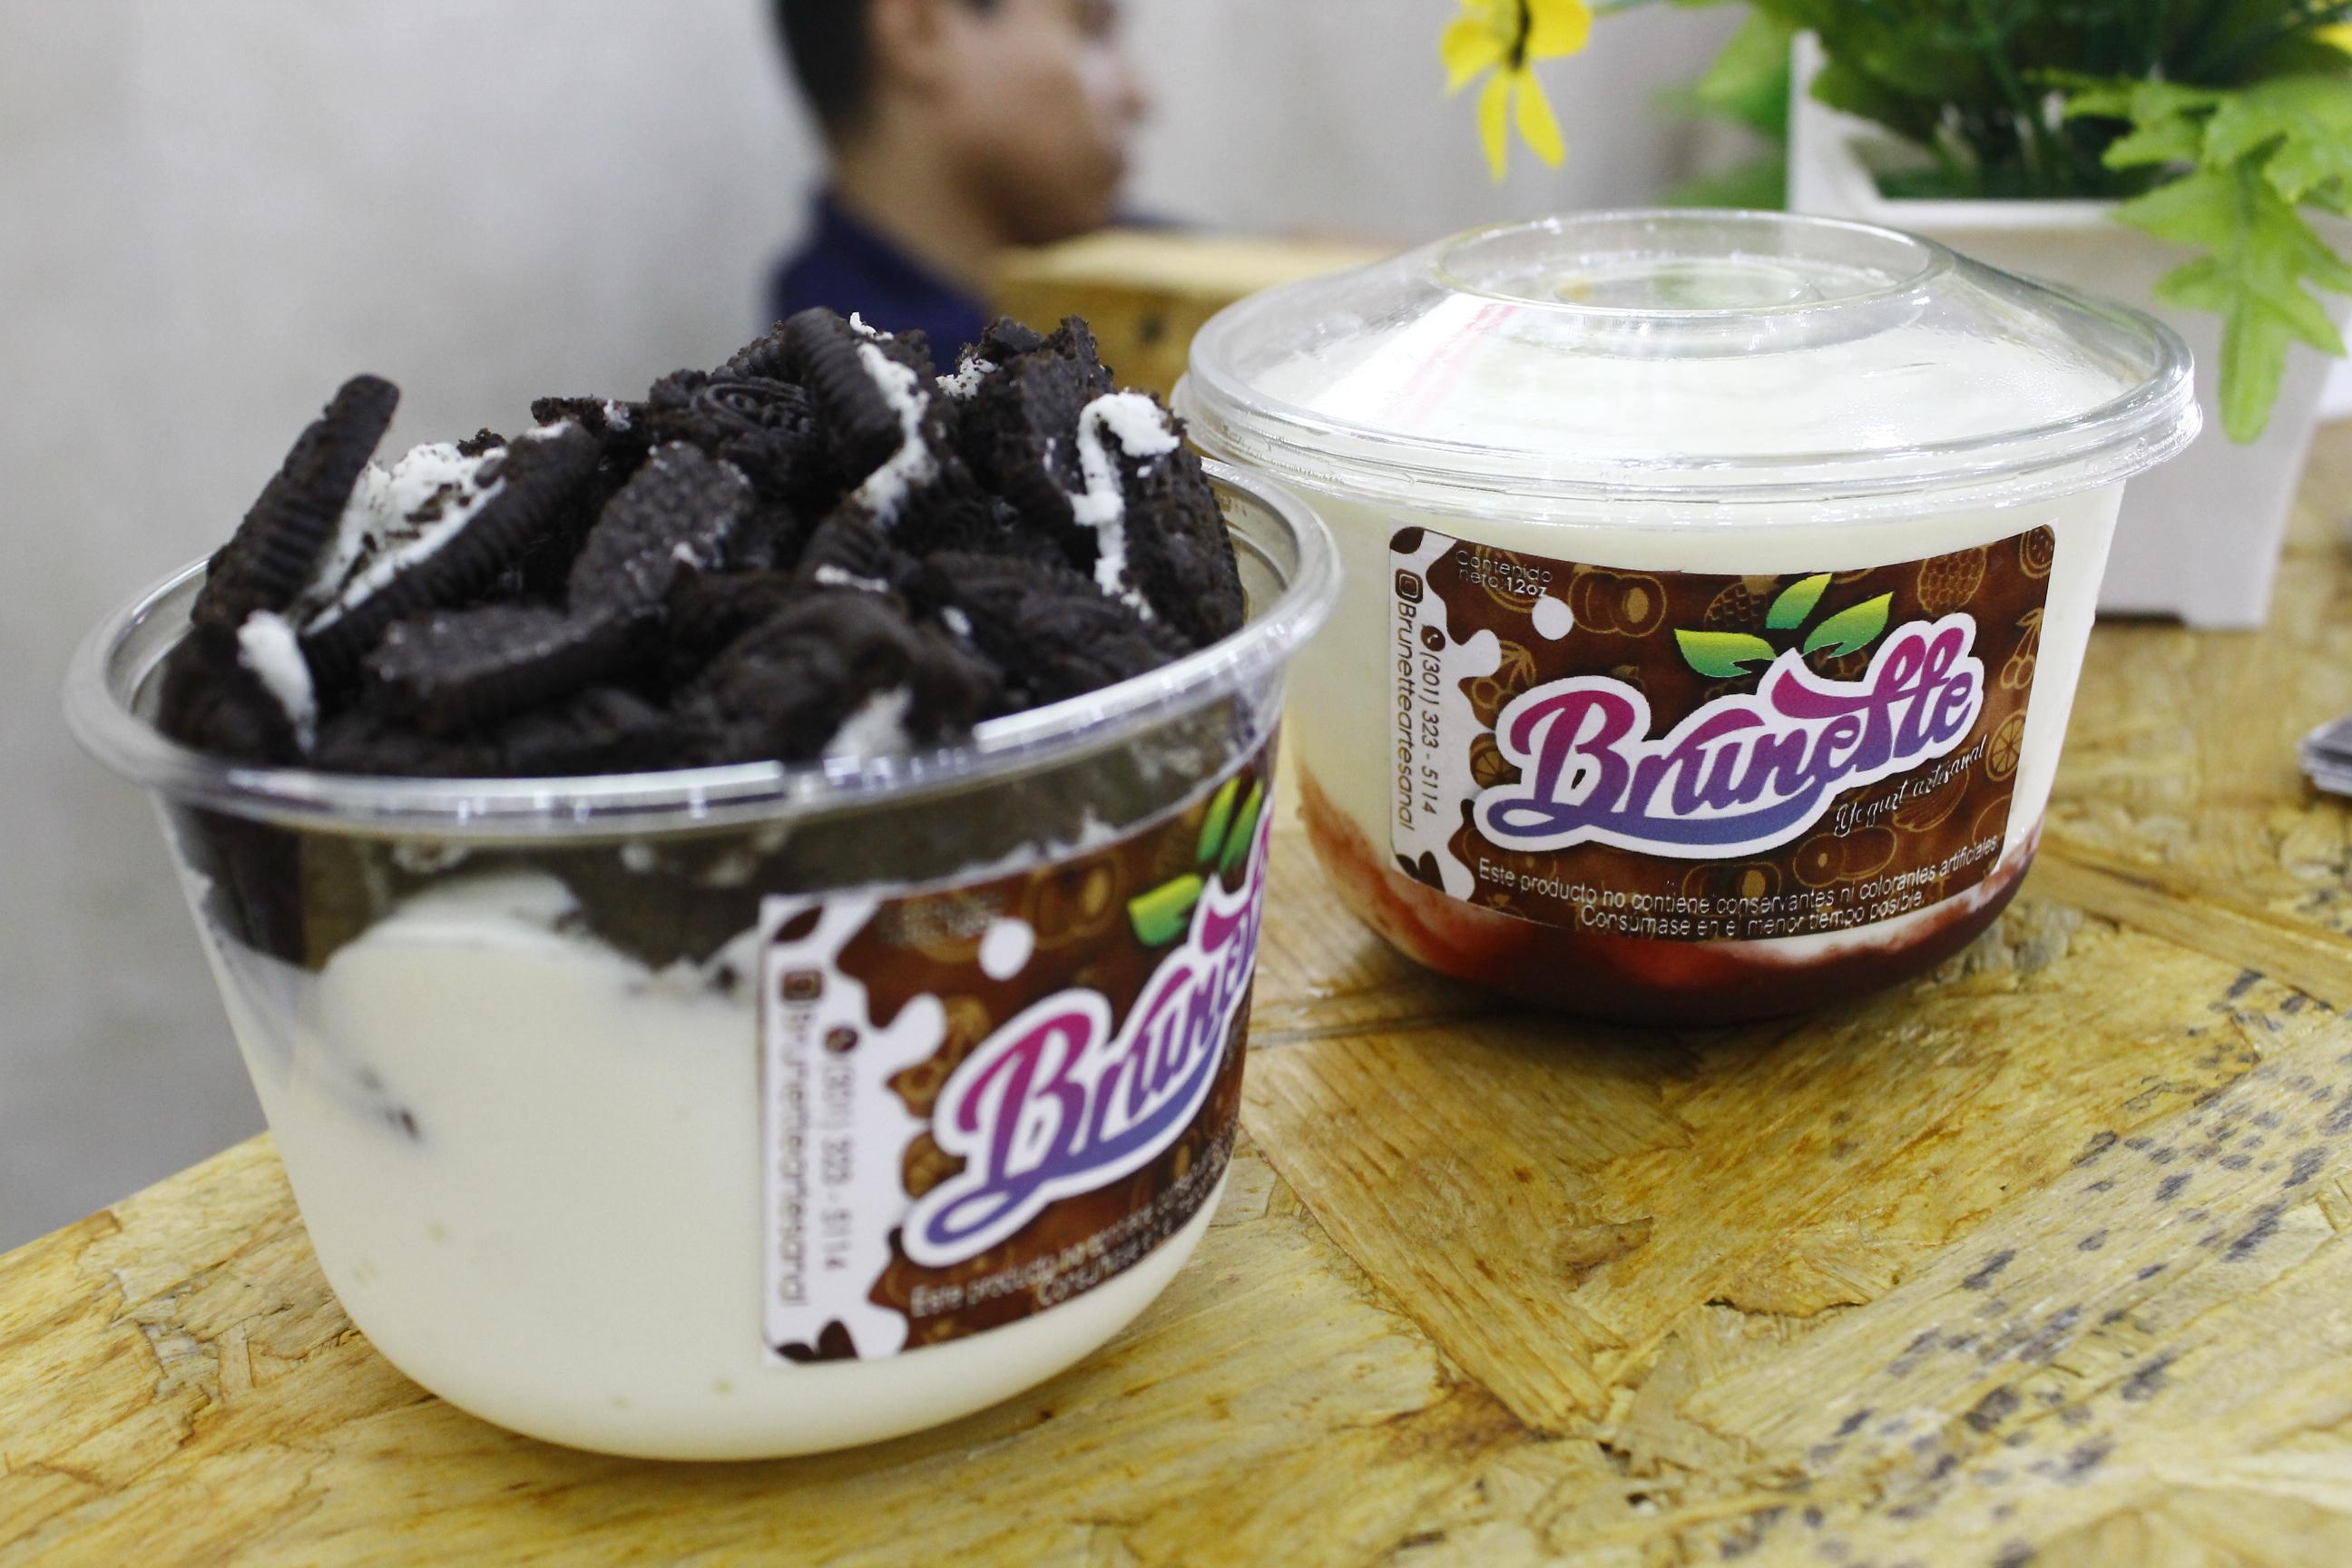 Con la leche sacan productos como yogurt con galleta, entre otros emprendimientos que permiten que más familias vallenatas se consoliden.  FOTO: EL PILÓN.